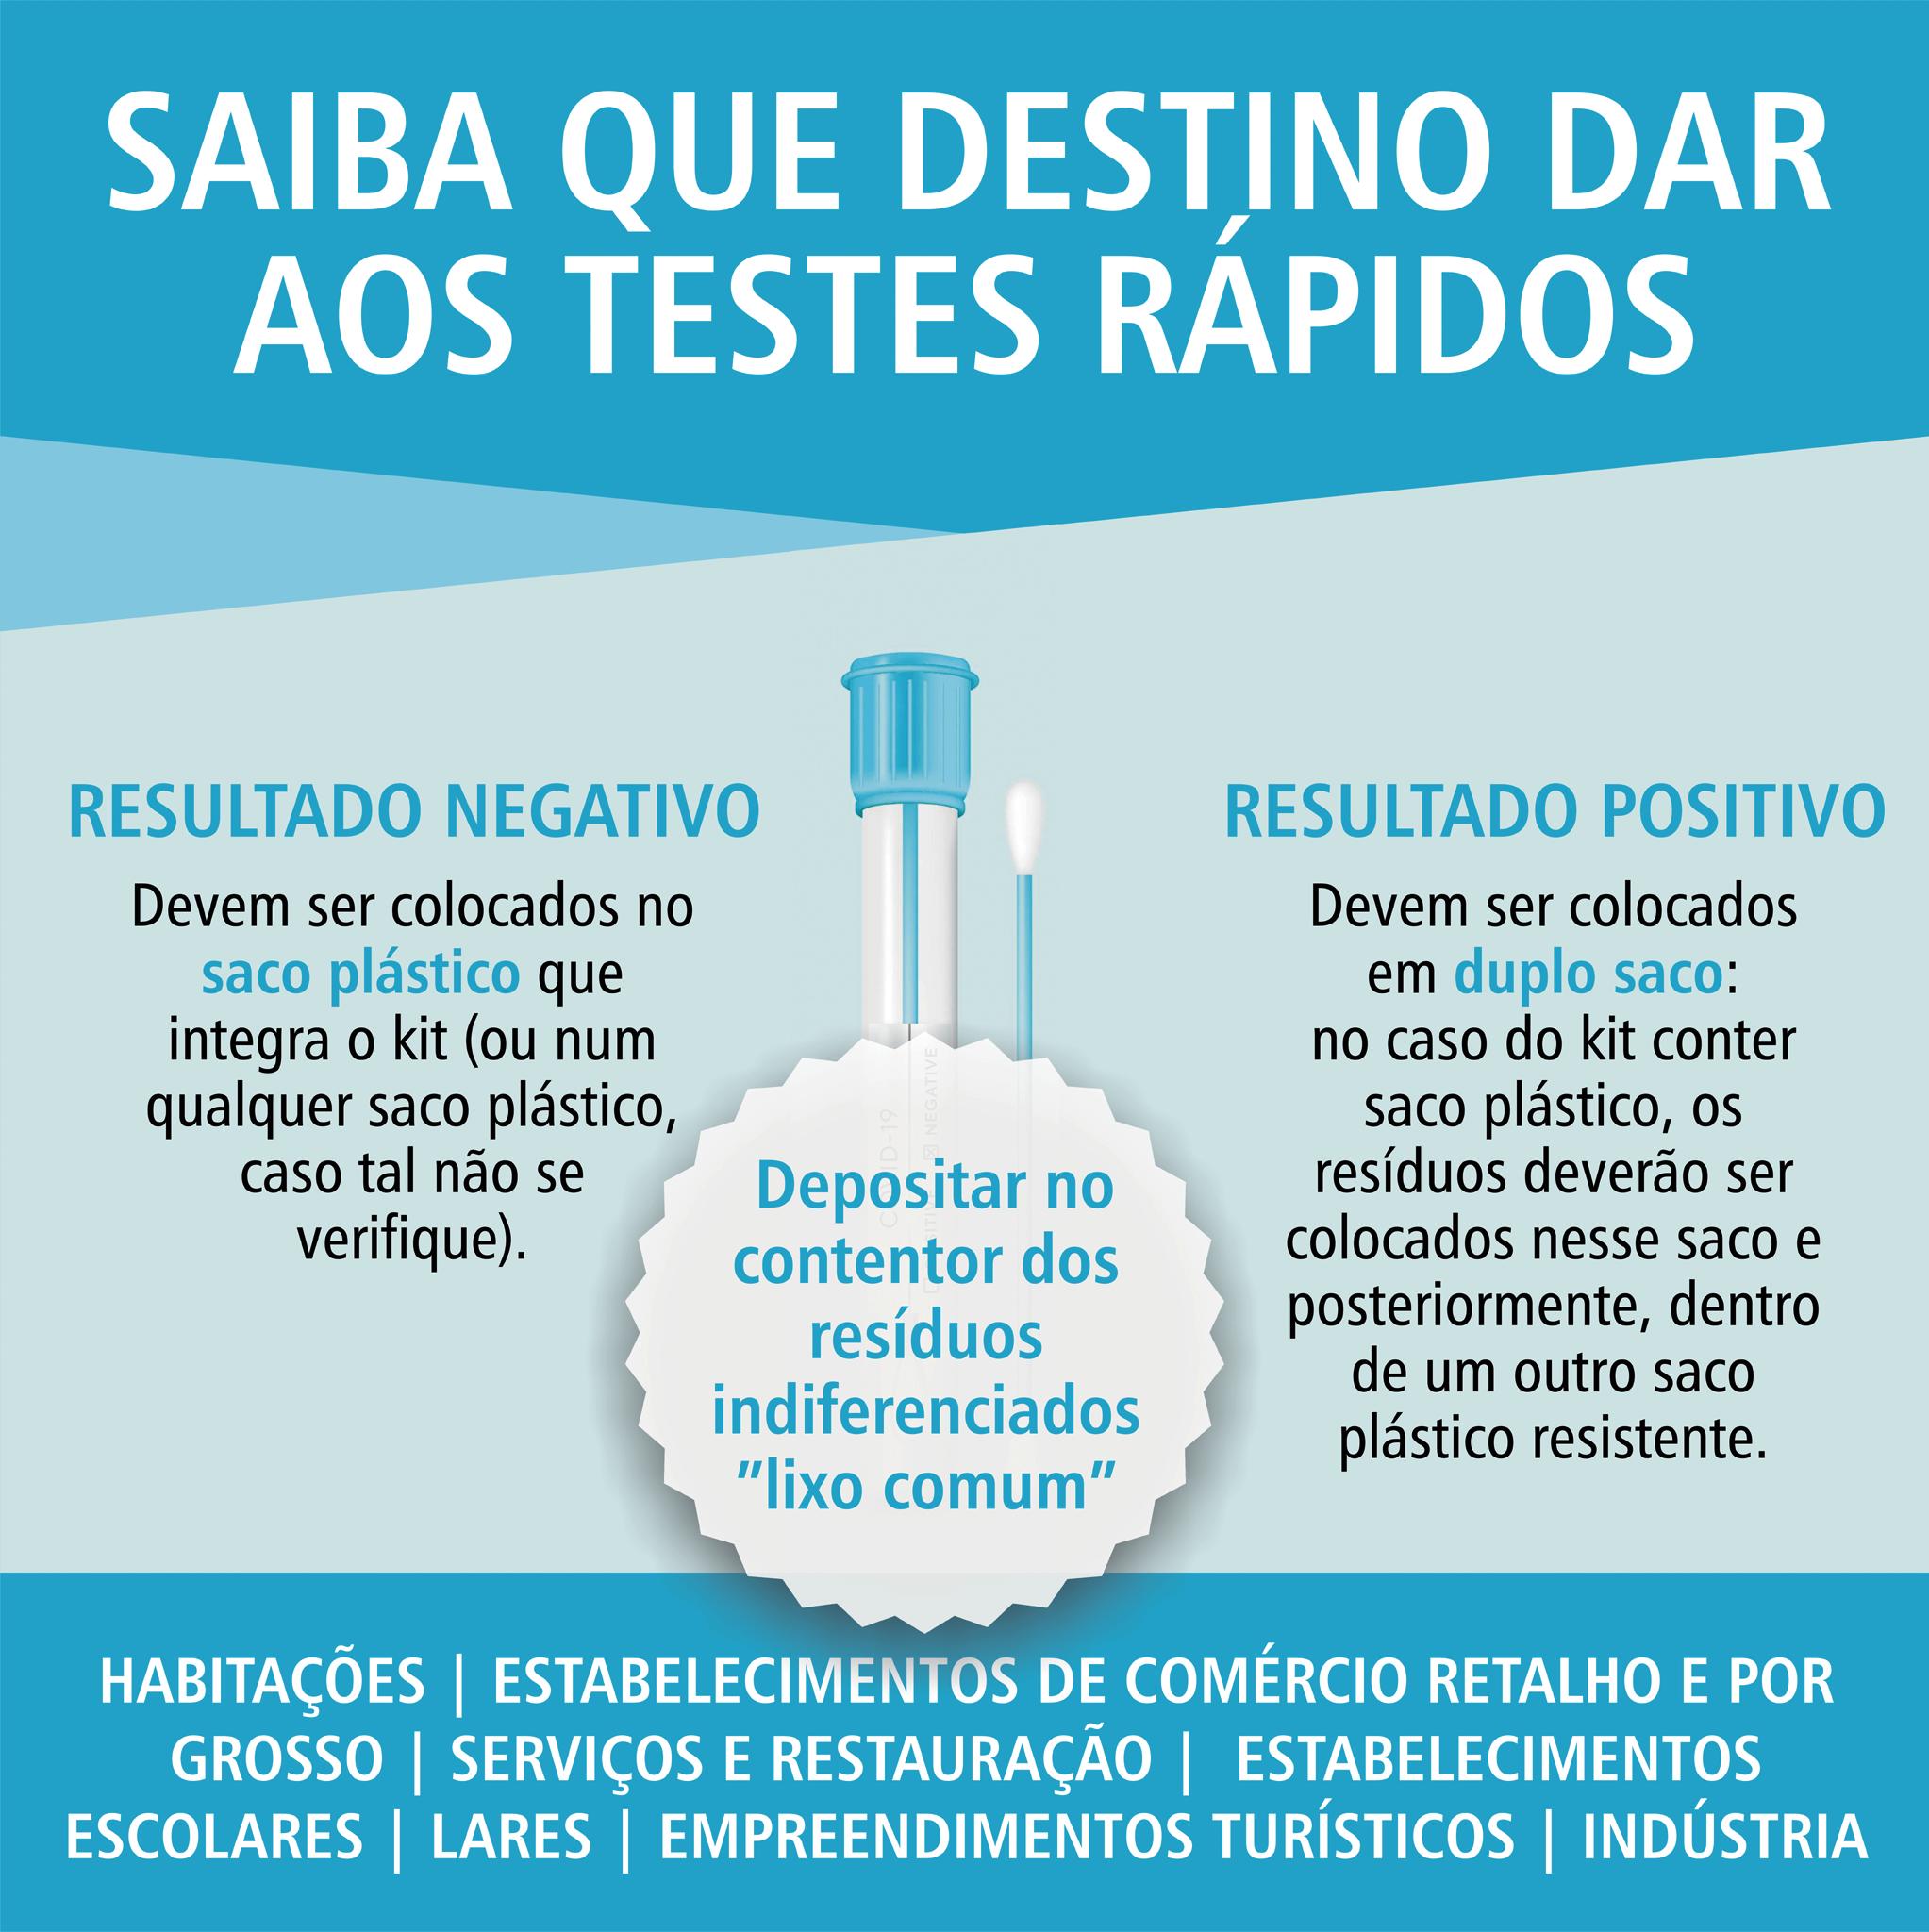 SAIBA QUE DESTINO DAR AOS TESTES RÁPIDOS